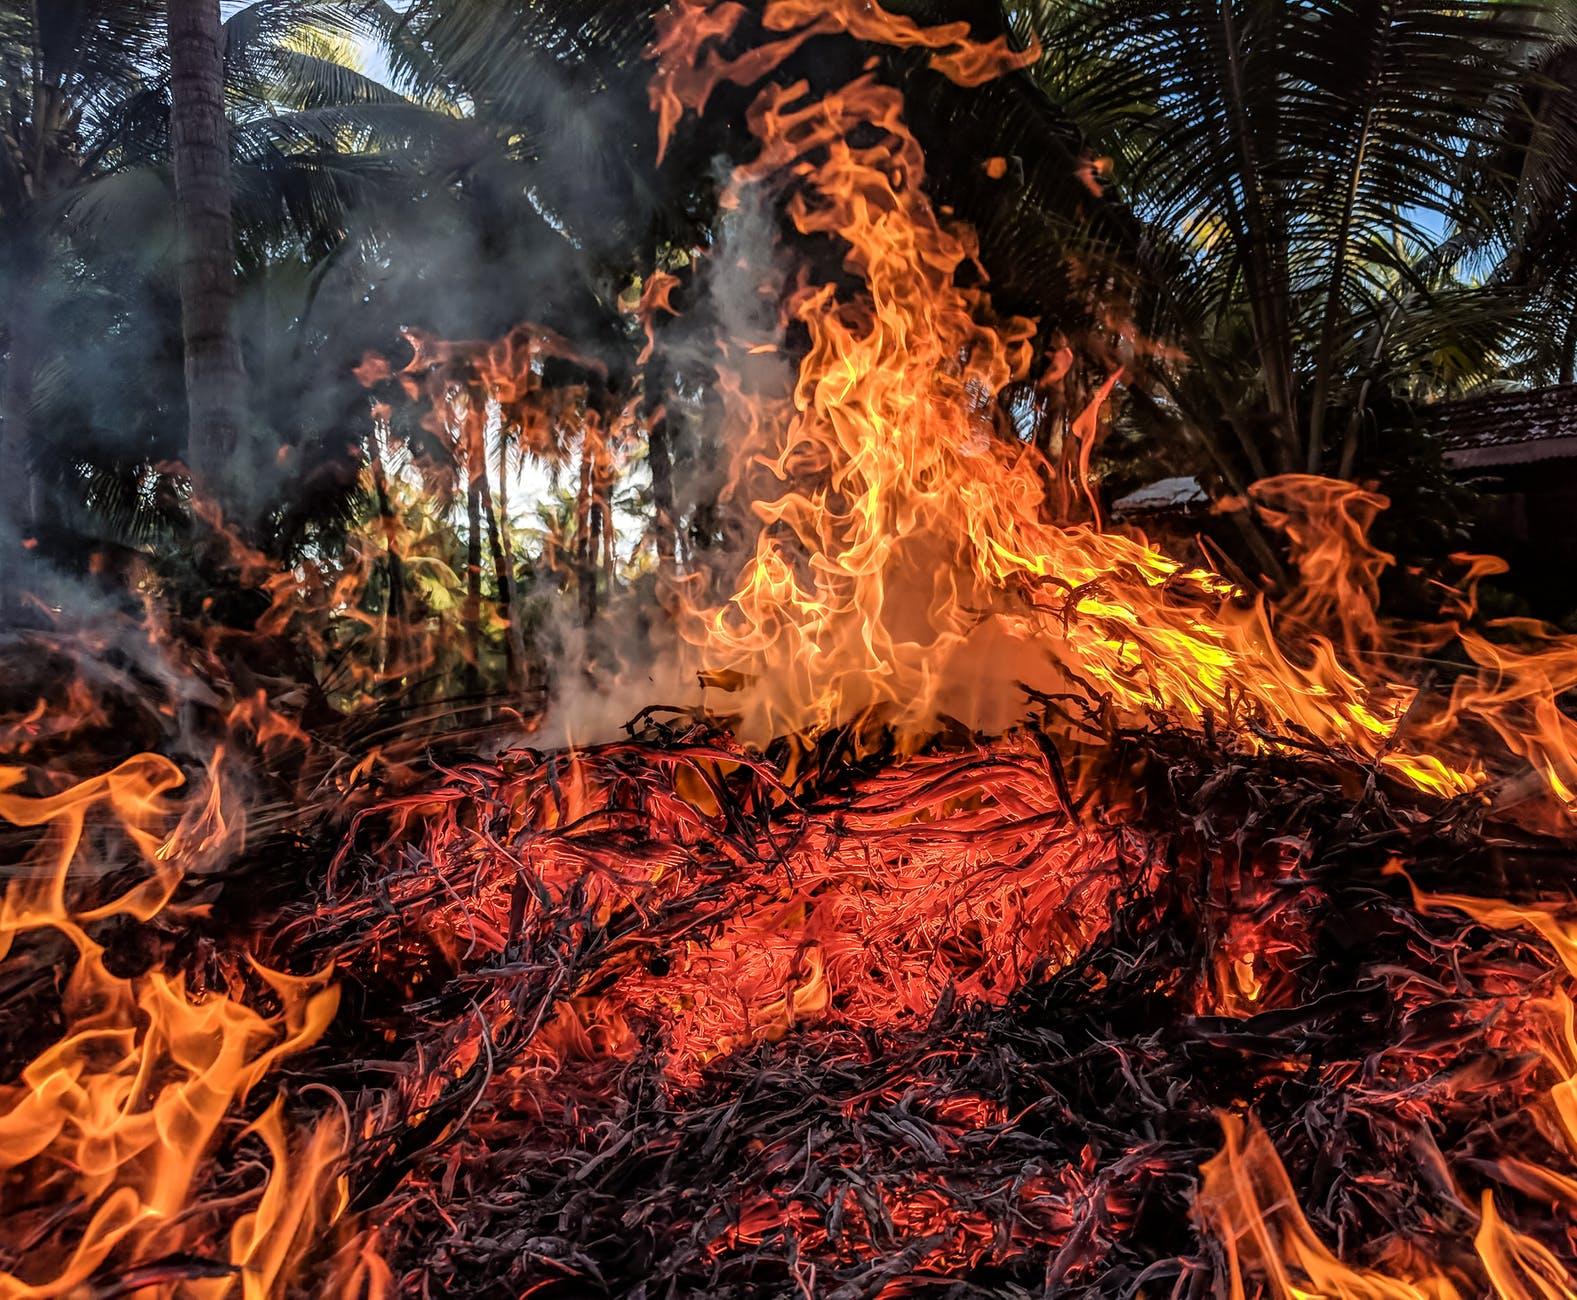 Biomass burning